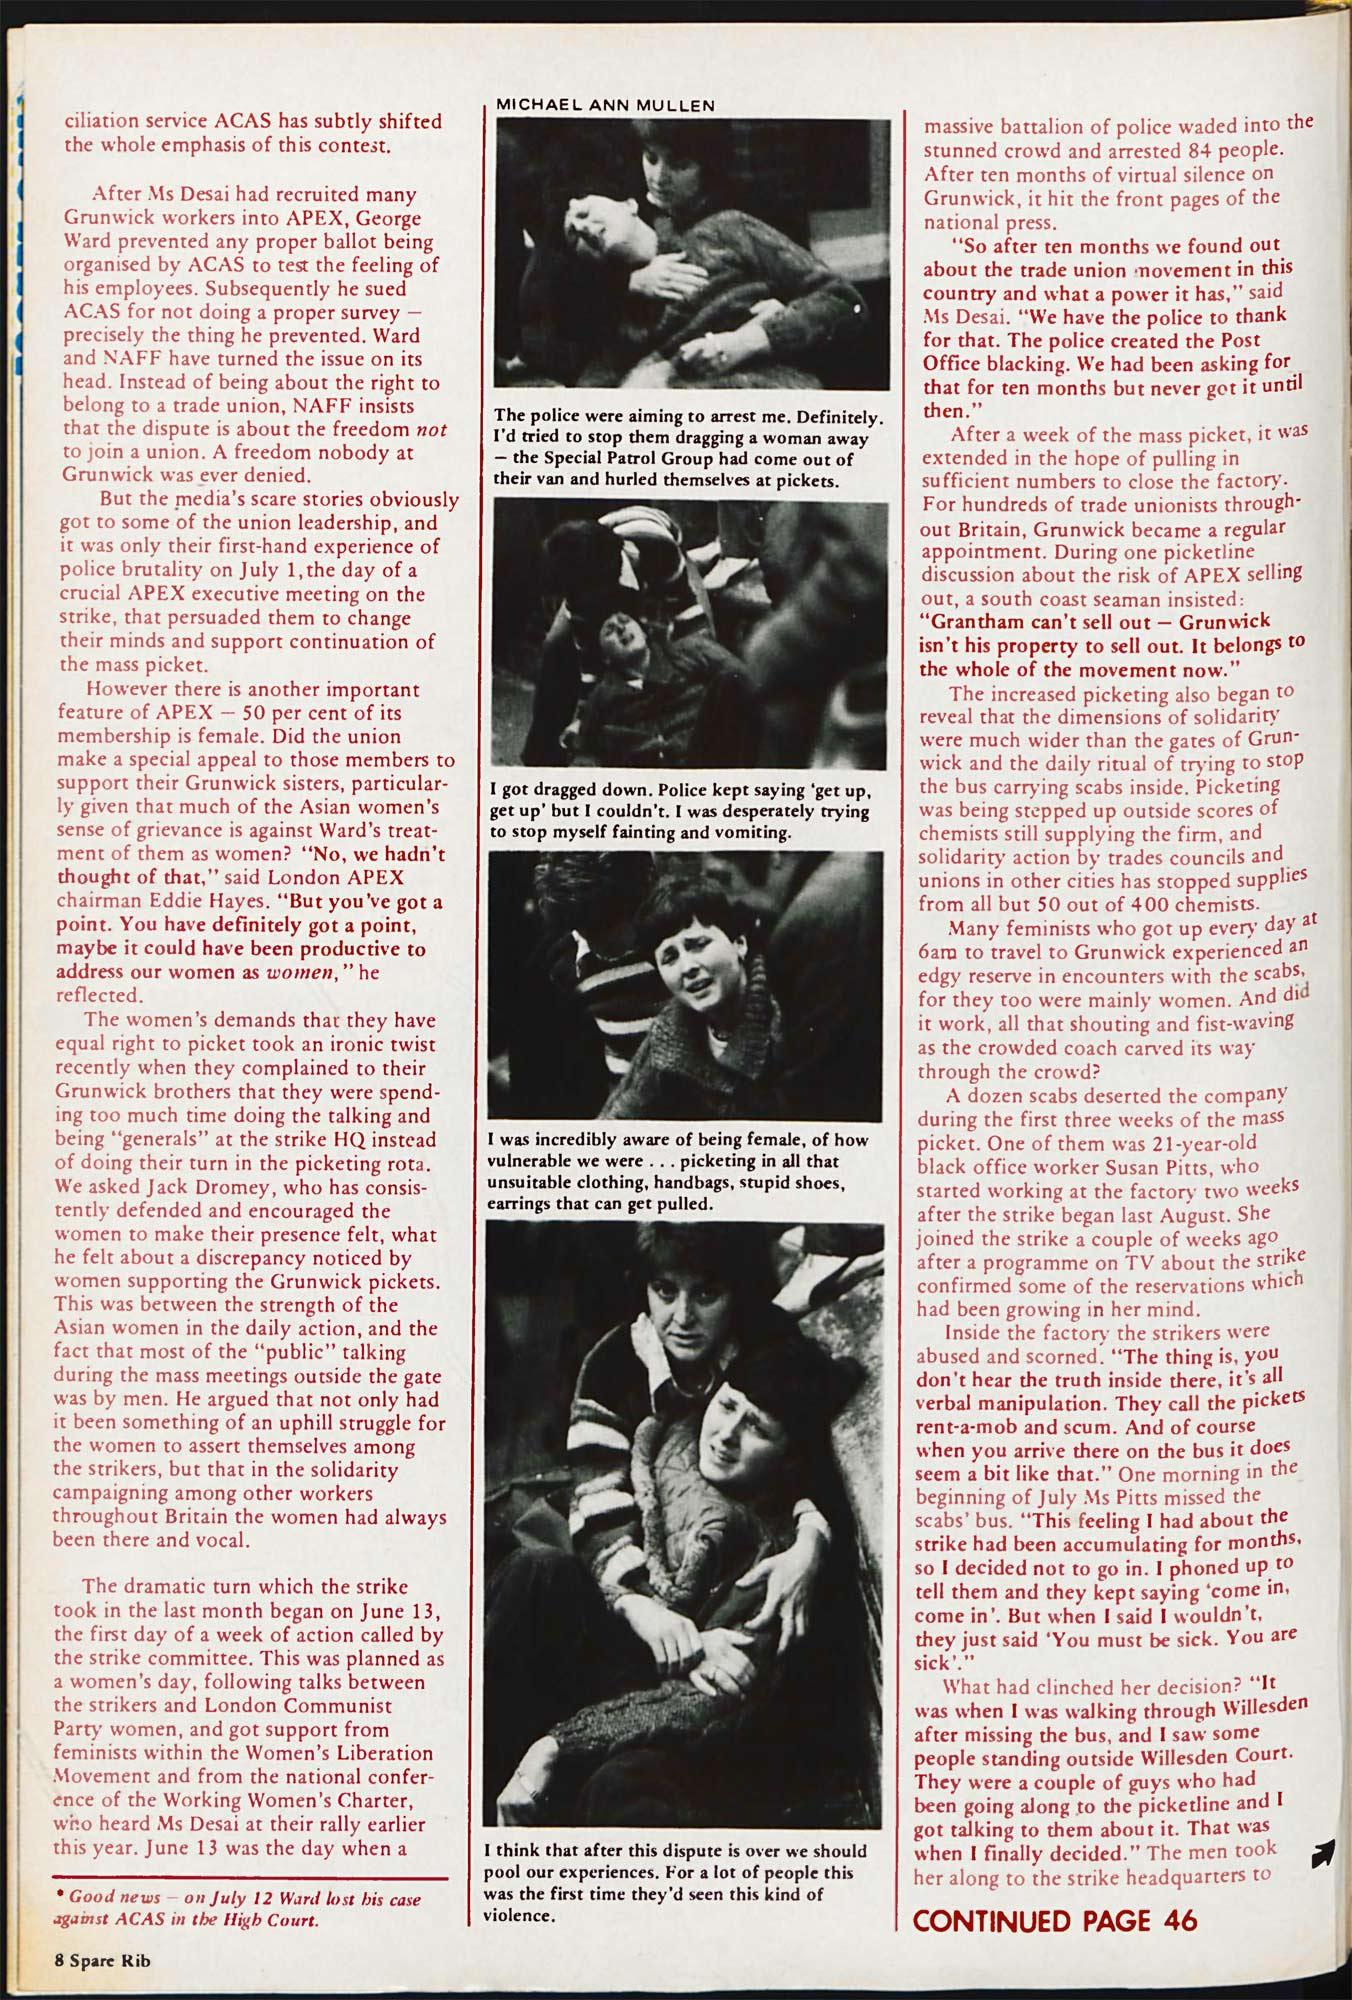 Spare Rib magazine issue 61 p. 8